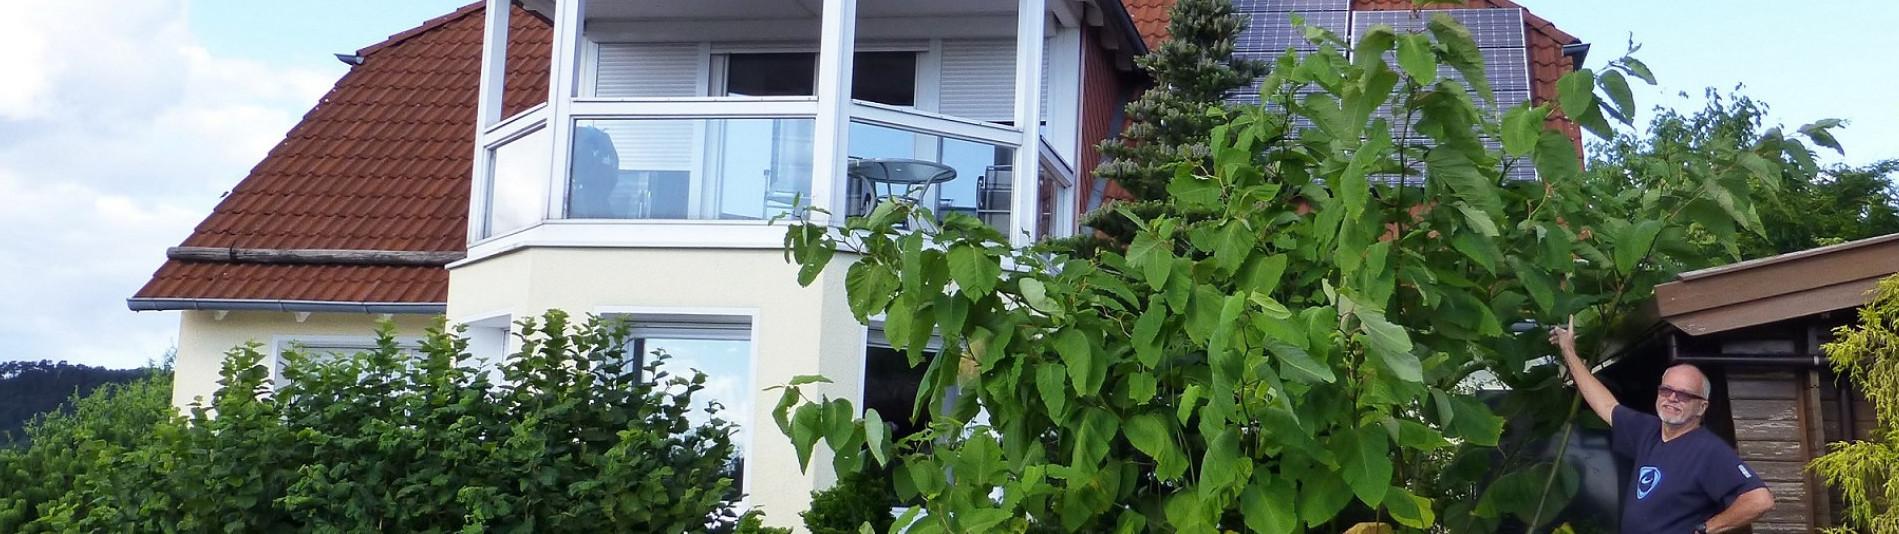 Familienhaus im Grünen ausgestattet mit einem Heimspeicher sonnenBatterie produziert saubere und bezahlbare Energie